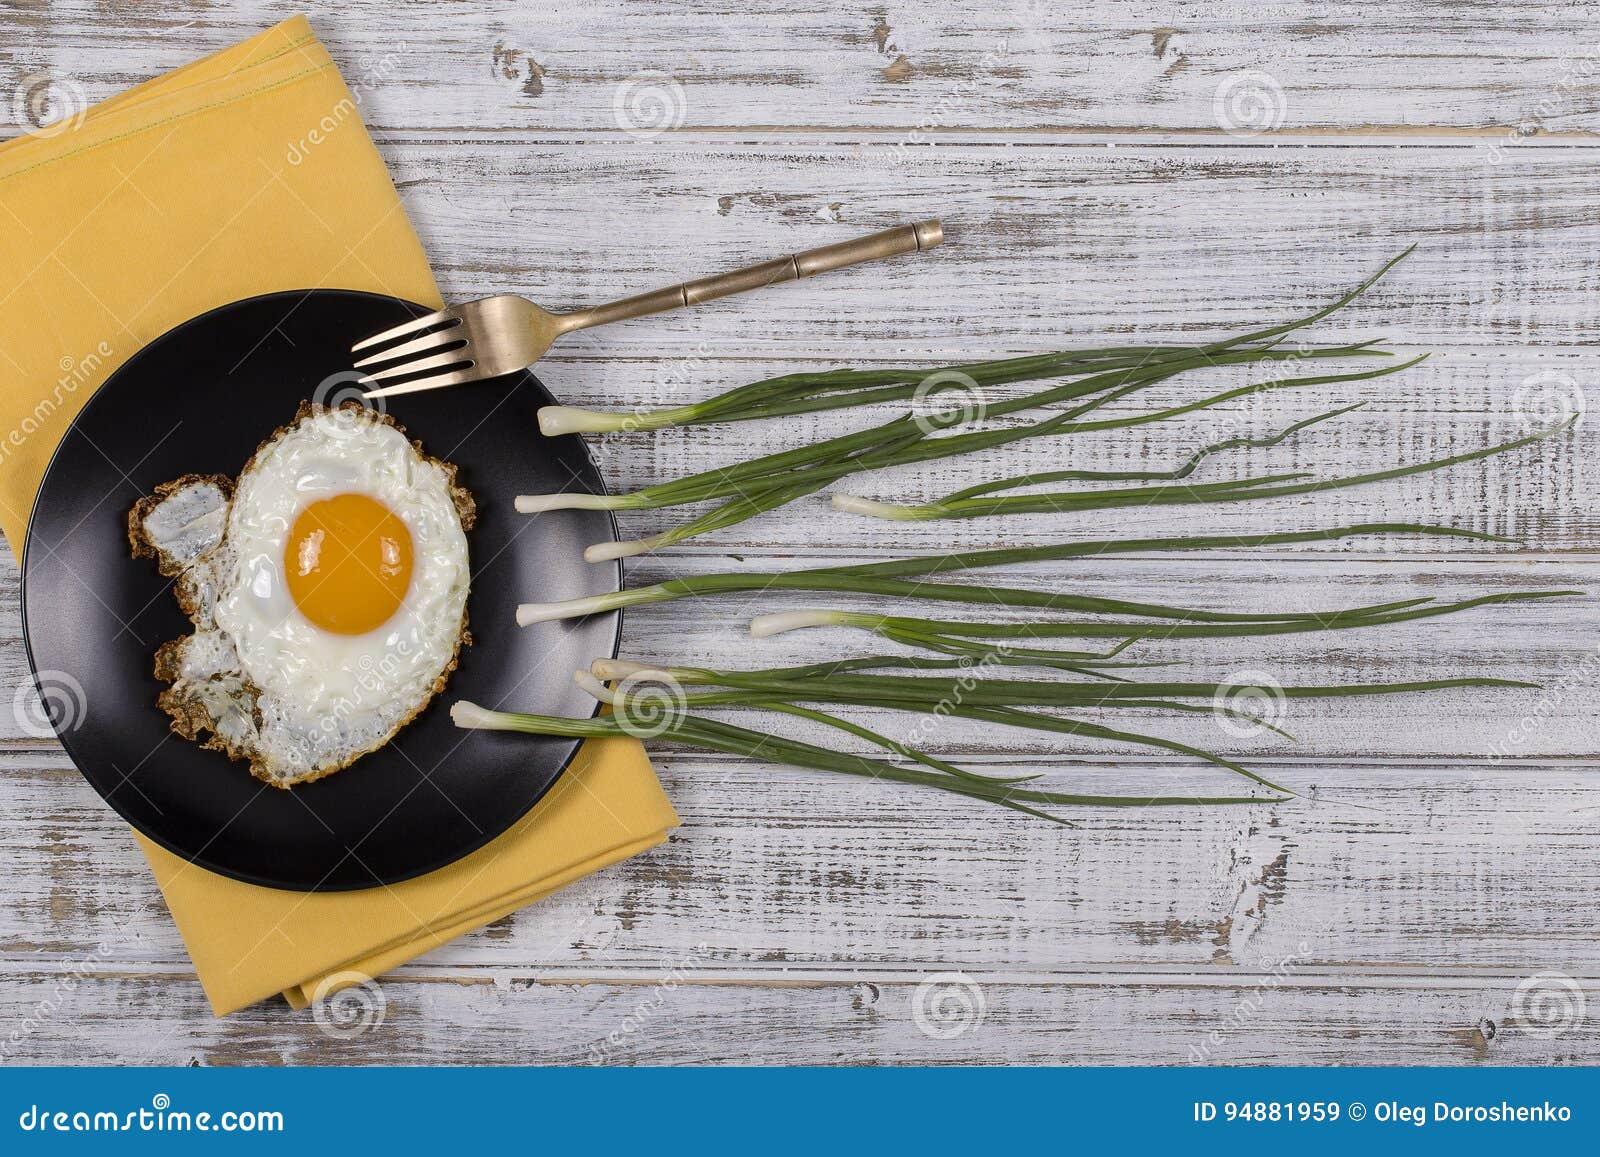 鸡蛋、香葱和黑色的盘子在白色木背景中看起来象精液竞争,漂浮对小卵的Spermatozoons